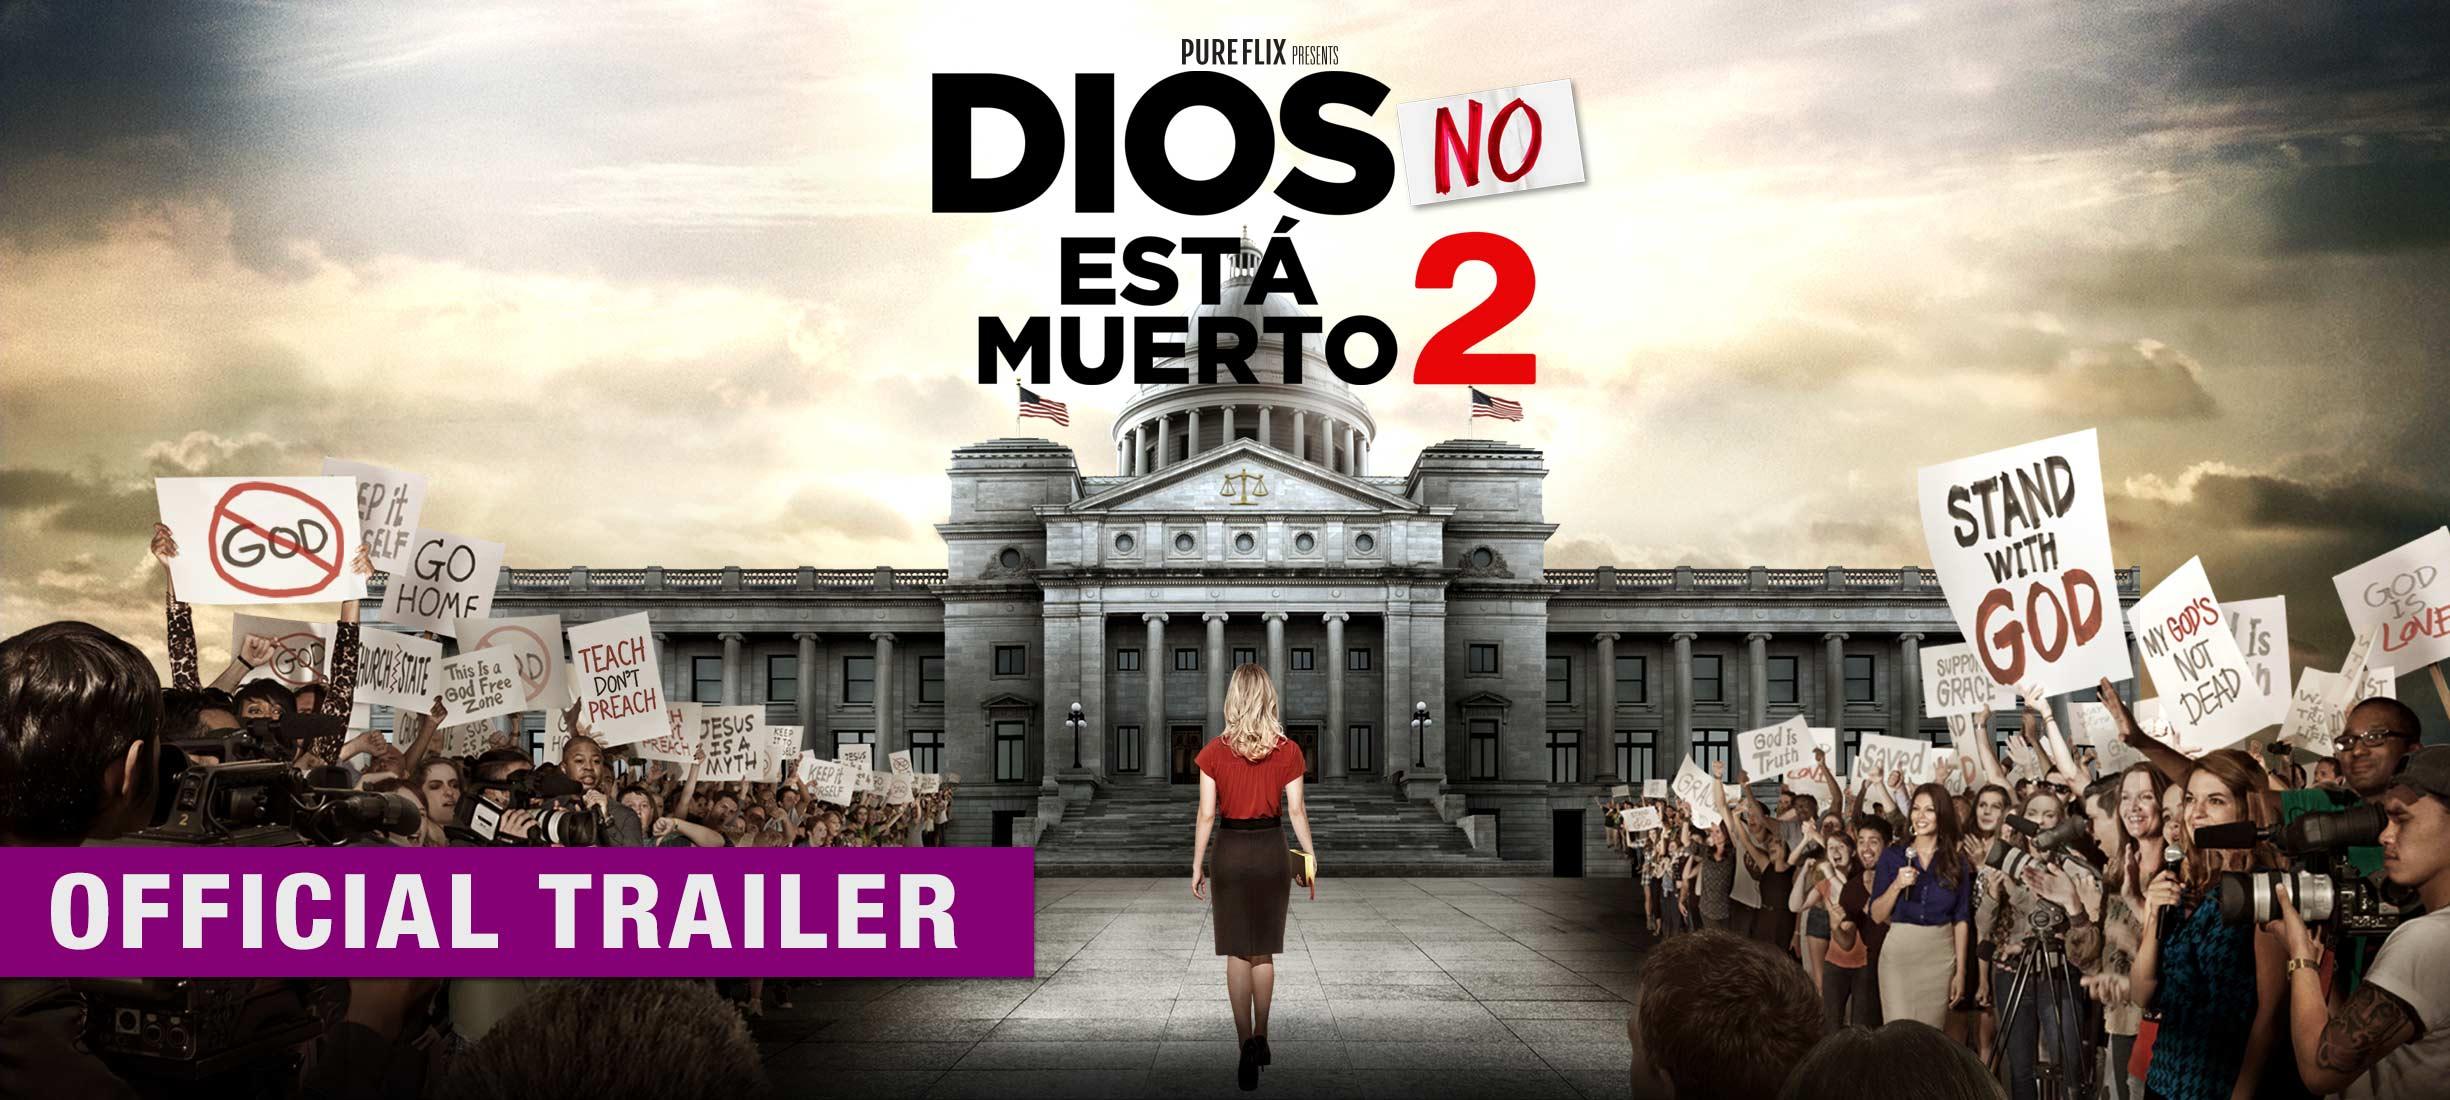 Dios no está muerto 2: Trailer